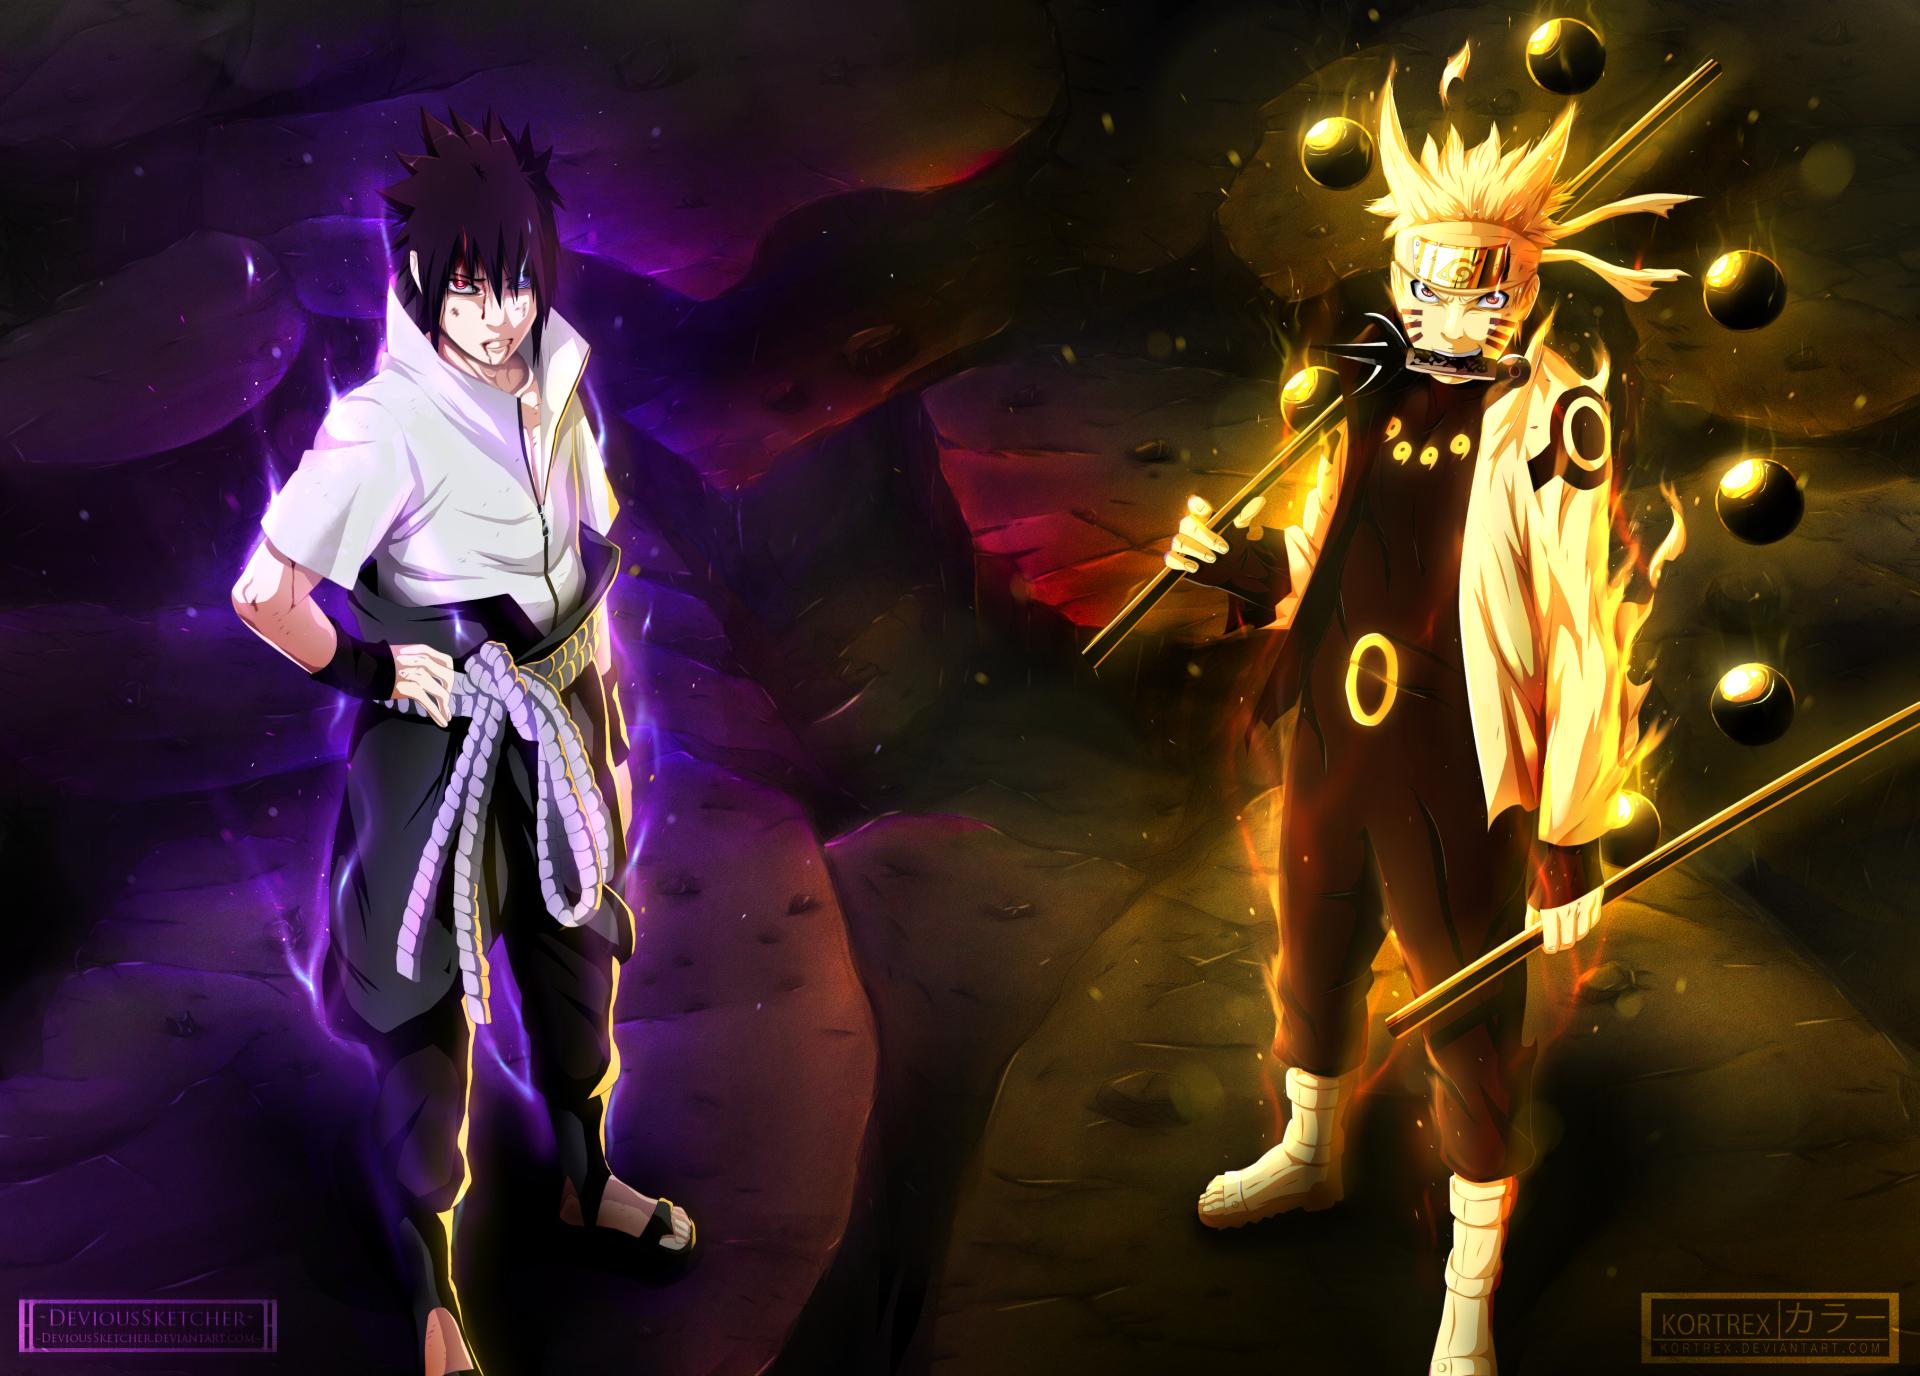 Anime-Naruto-Sasuke-Uchiha-Naruto-Uzumaki-Anime-Fondo-de-Pantalla-wallpaper-wp3602557